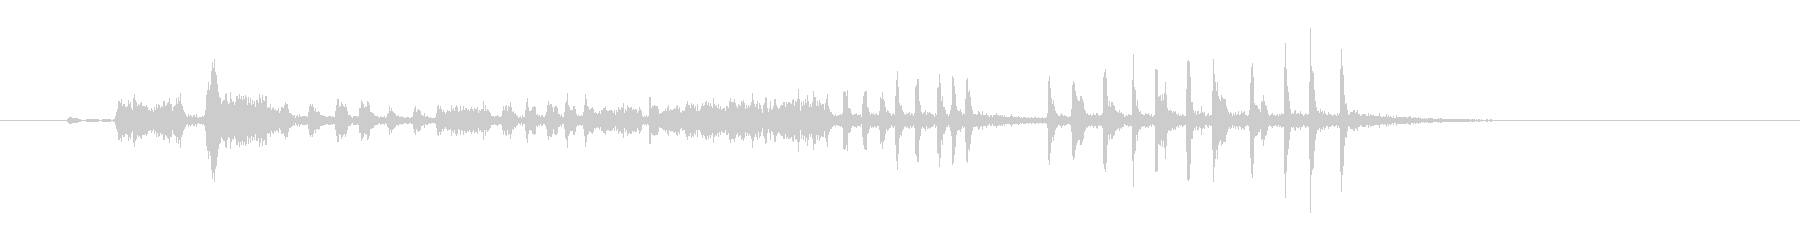 ラバーツイストキーキーの未再生の波形